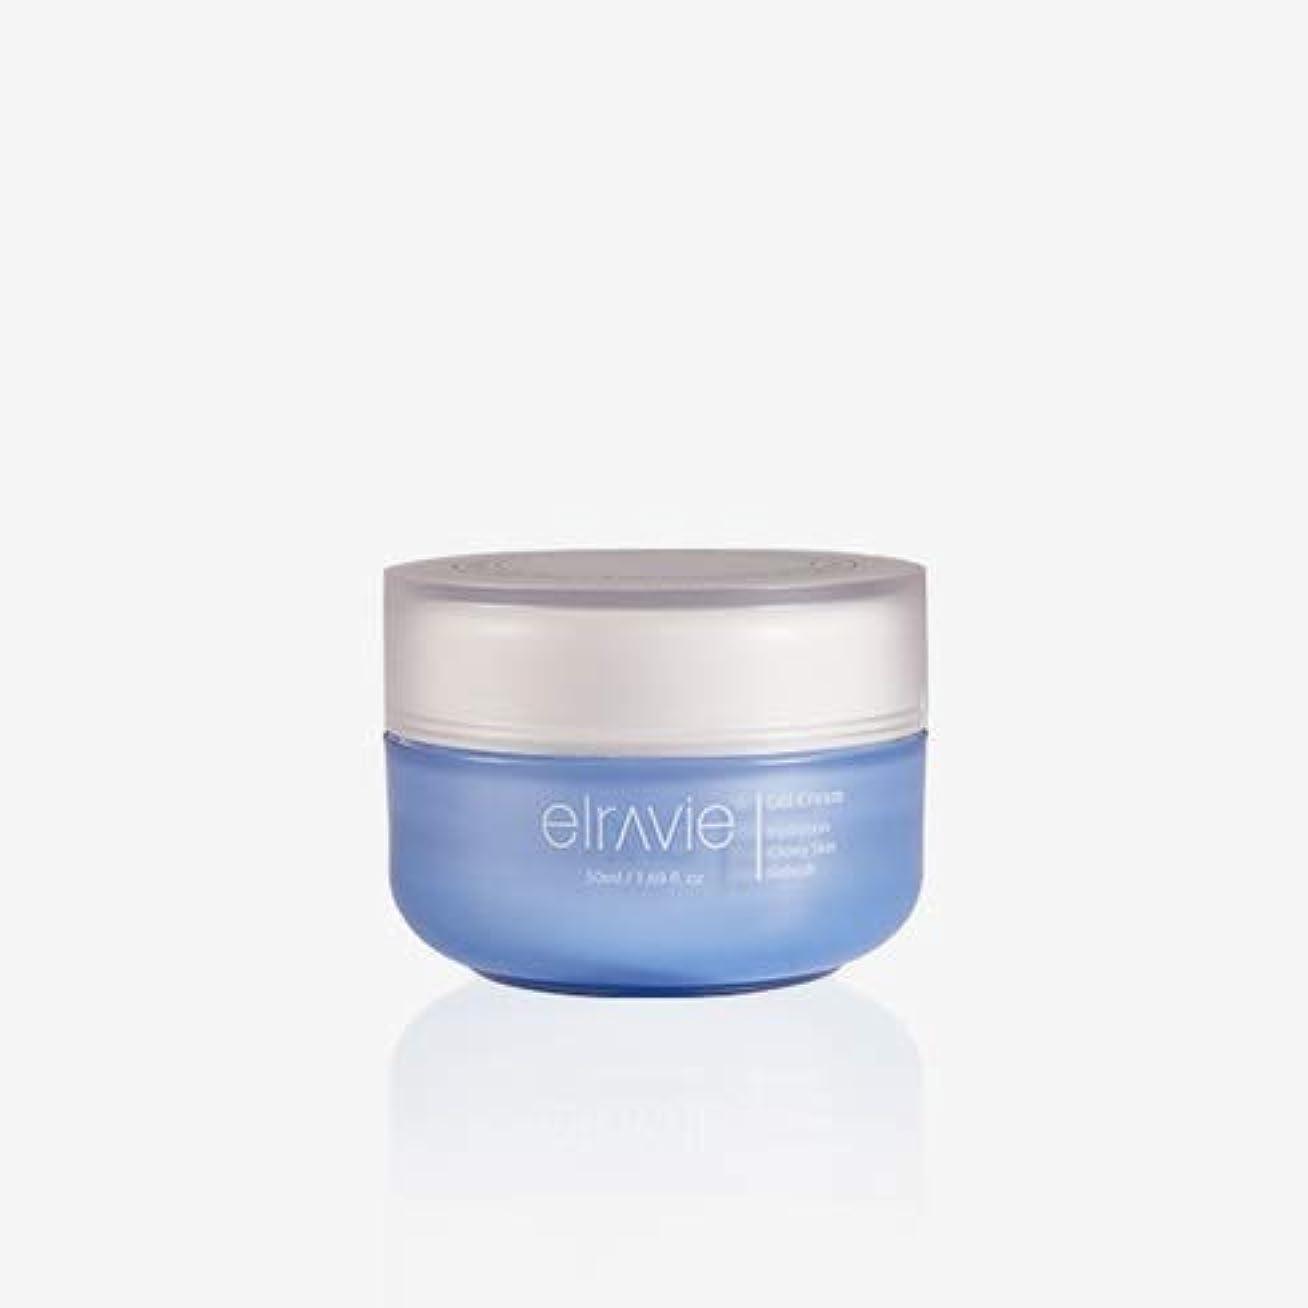 接触いつでもエラヴィー[Elravie] ダーマハイドロエクステンデッドハイジェルクリーム50ml / Derma Hydro Extended Hyal Gel Cream